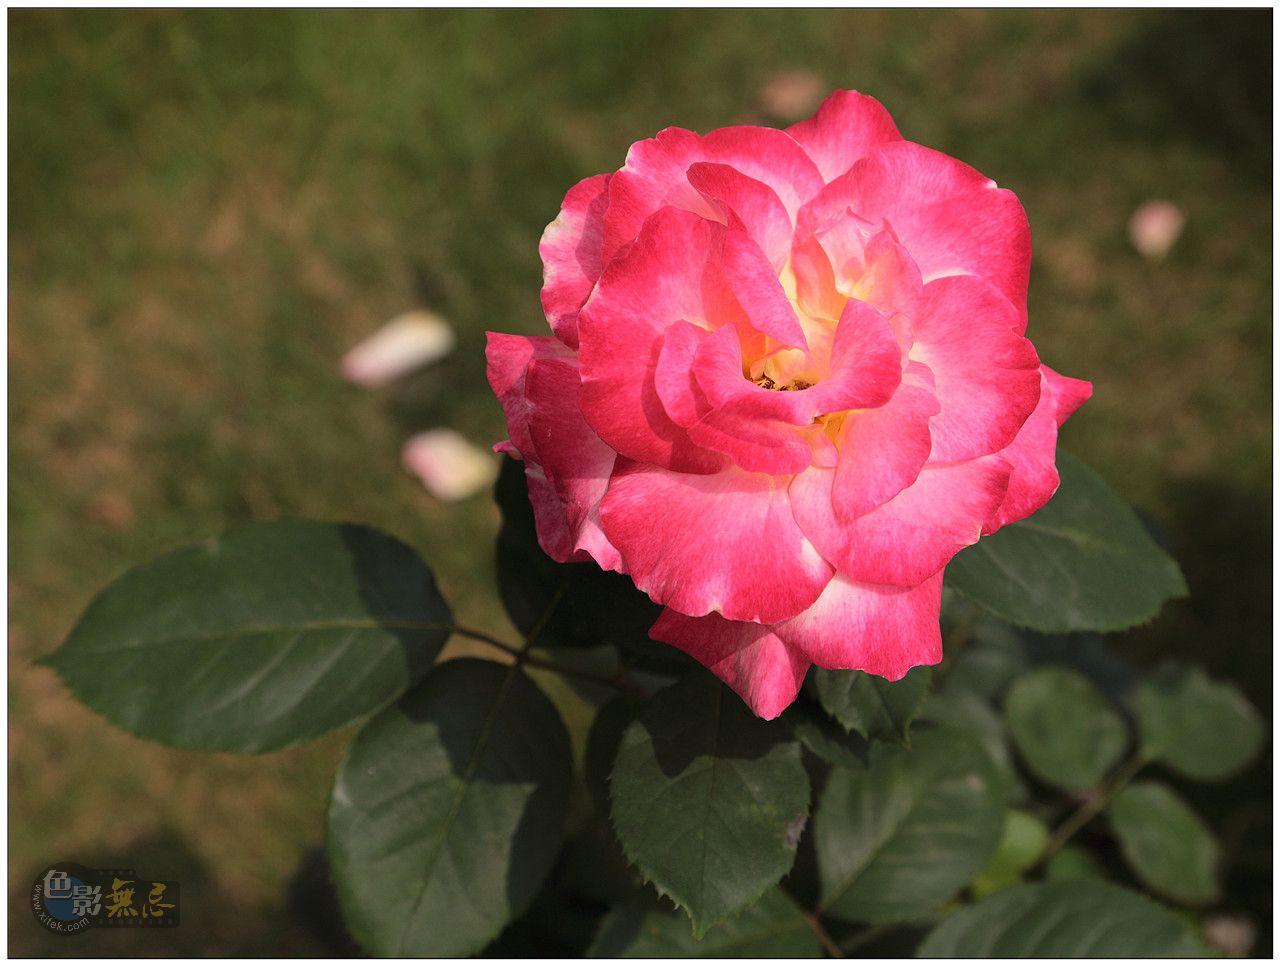 冰尘作品:玫瑰